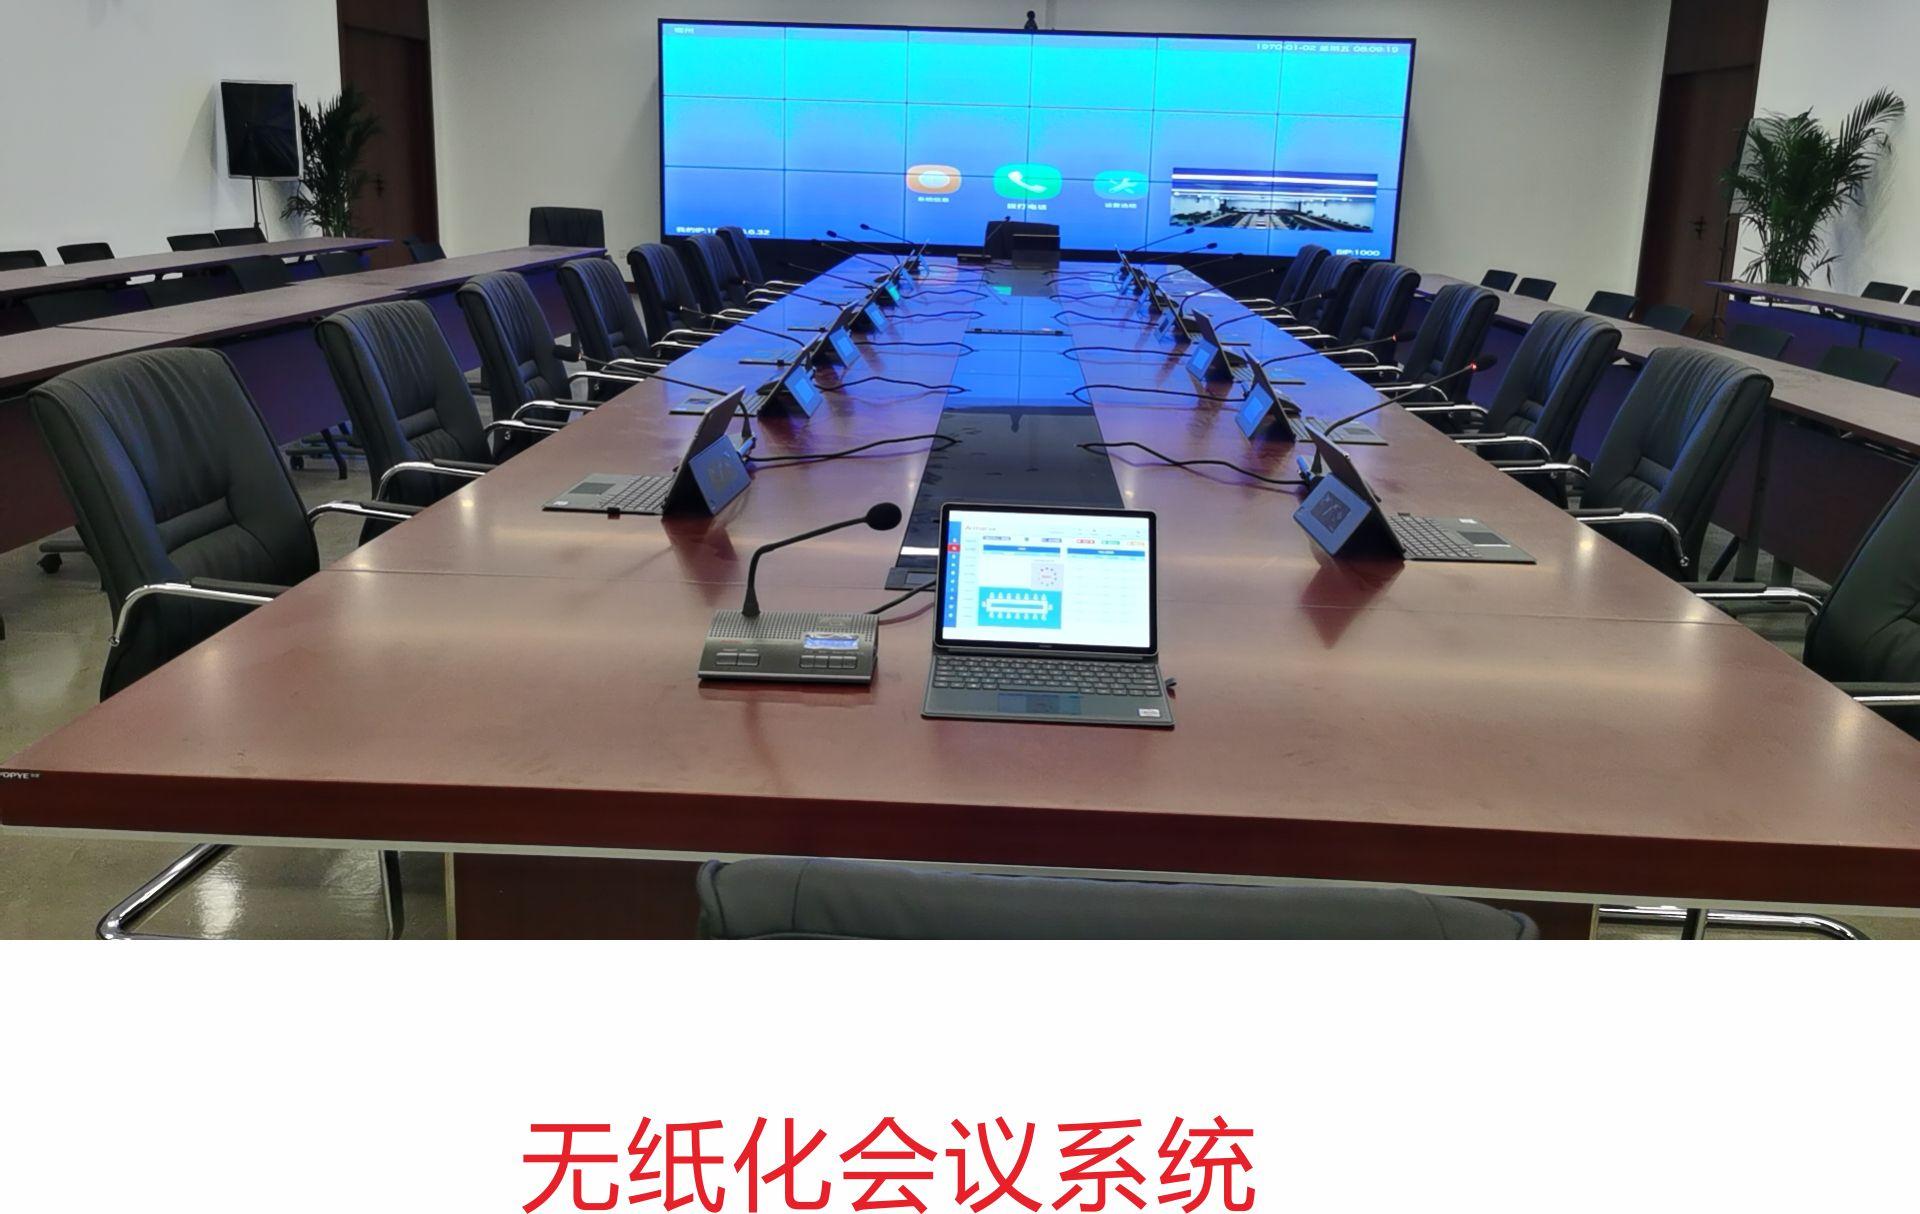 安度智谷(廣州)電子科技有限公司